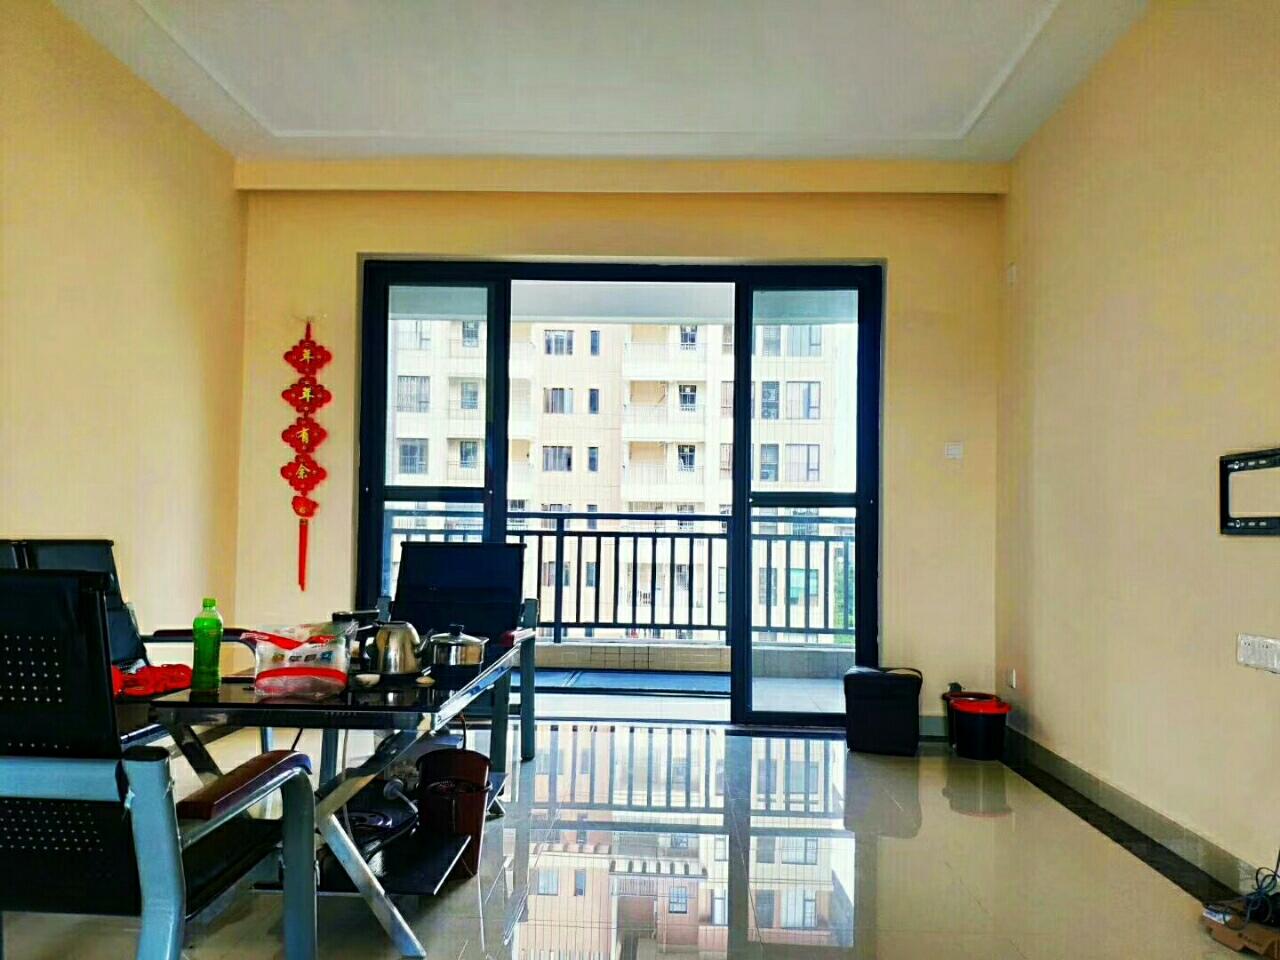 雅拉湖畔优质房3室2厅2卫72万元性价比高